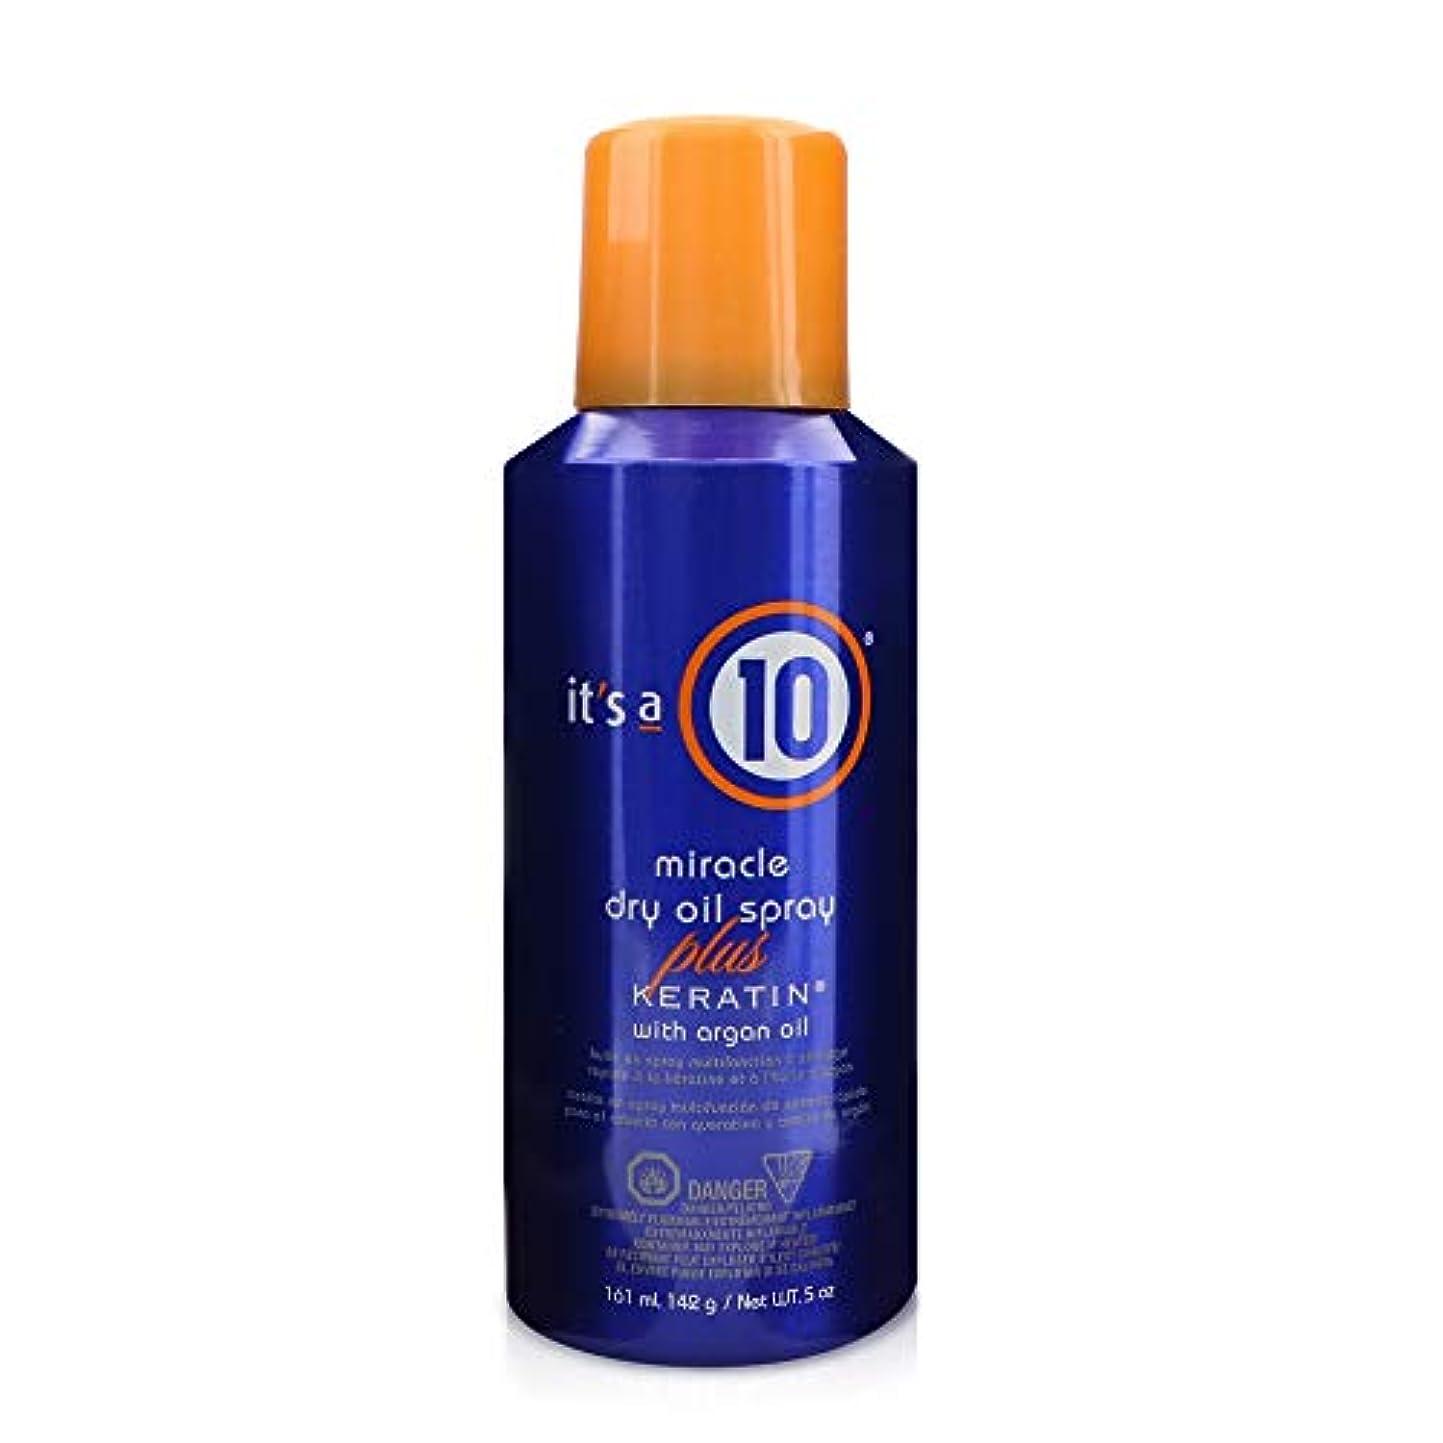 悲観的科学悪性It's a 10 Haircare ミラクルドライオイルはアルガンオイル、5フロリダでプラスケラチンをスプレーしてください。オズ。 5オンス